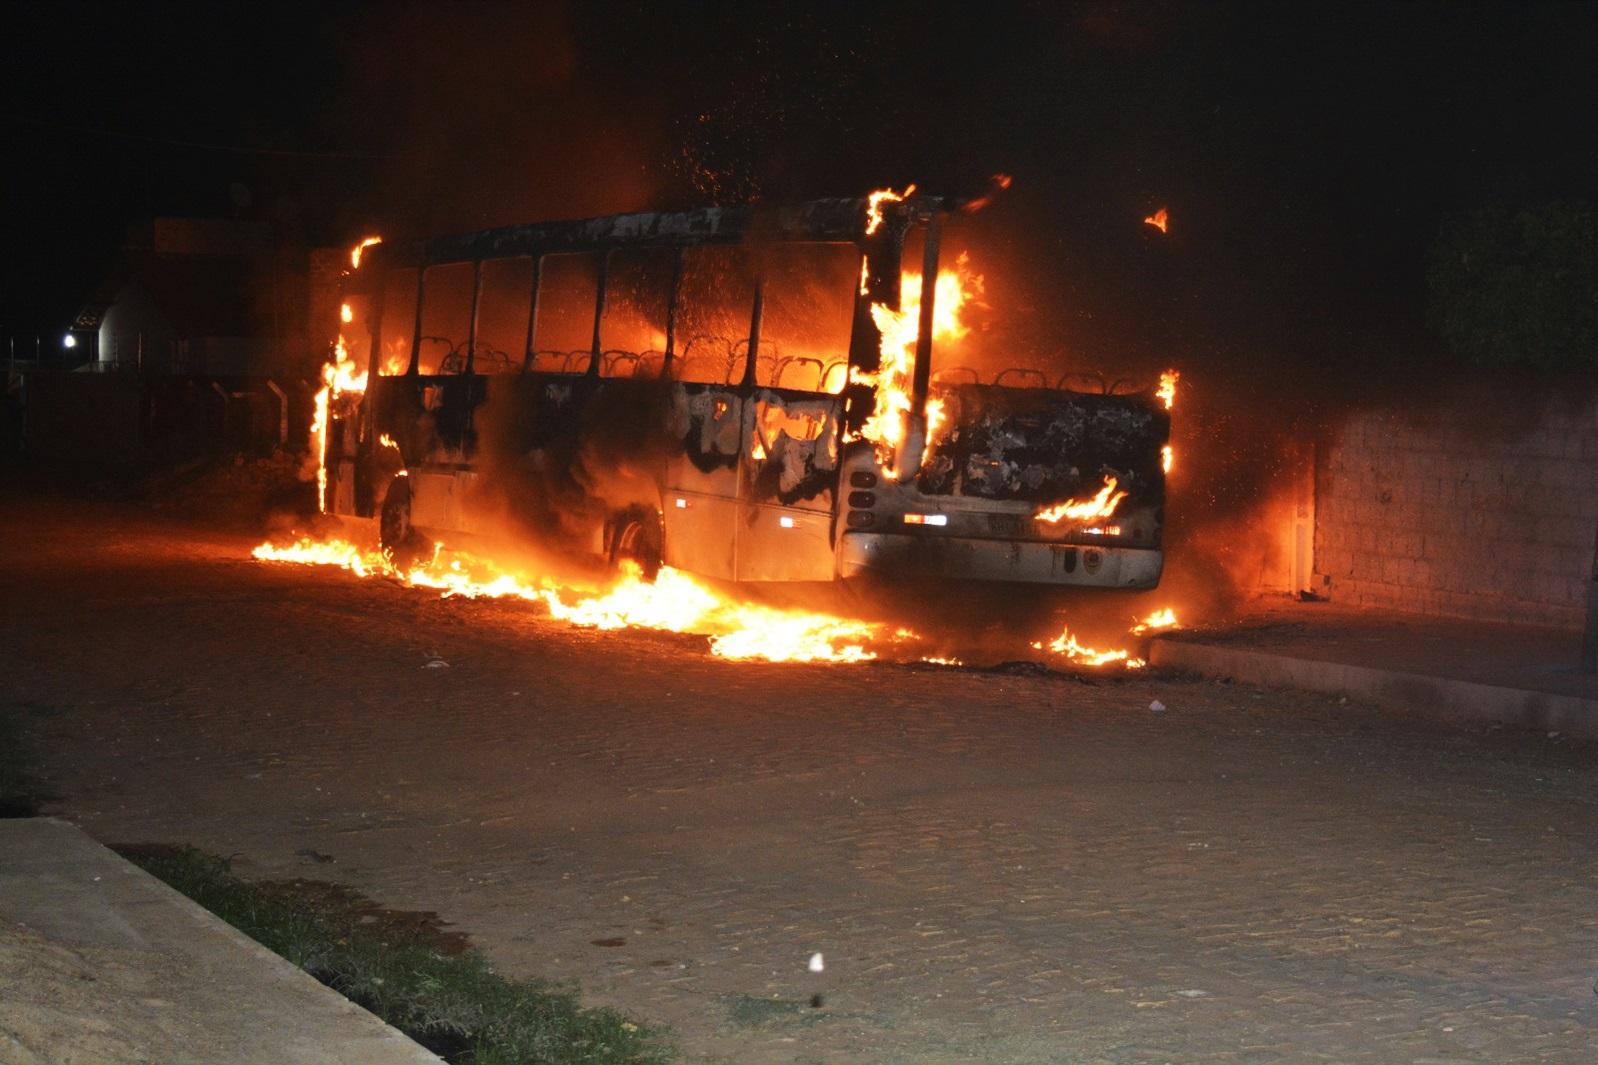 Em Mossoró, um ônibus foi destruído pelas chamas no bairro Santa Delmira